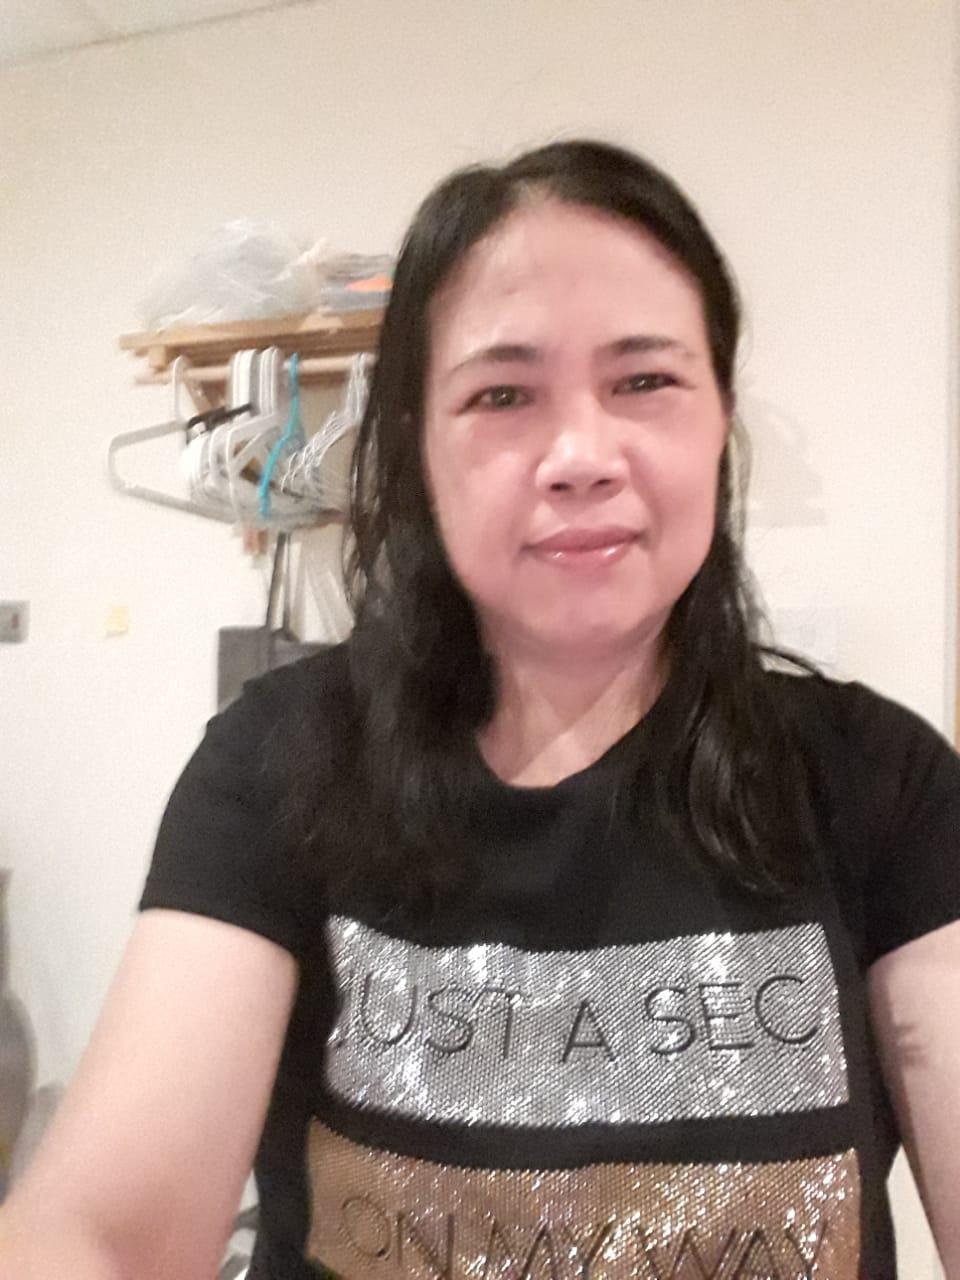 Mary gladys Daywan_IM_2020121401445262.jpg